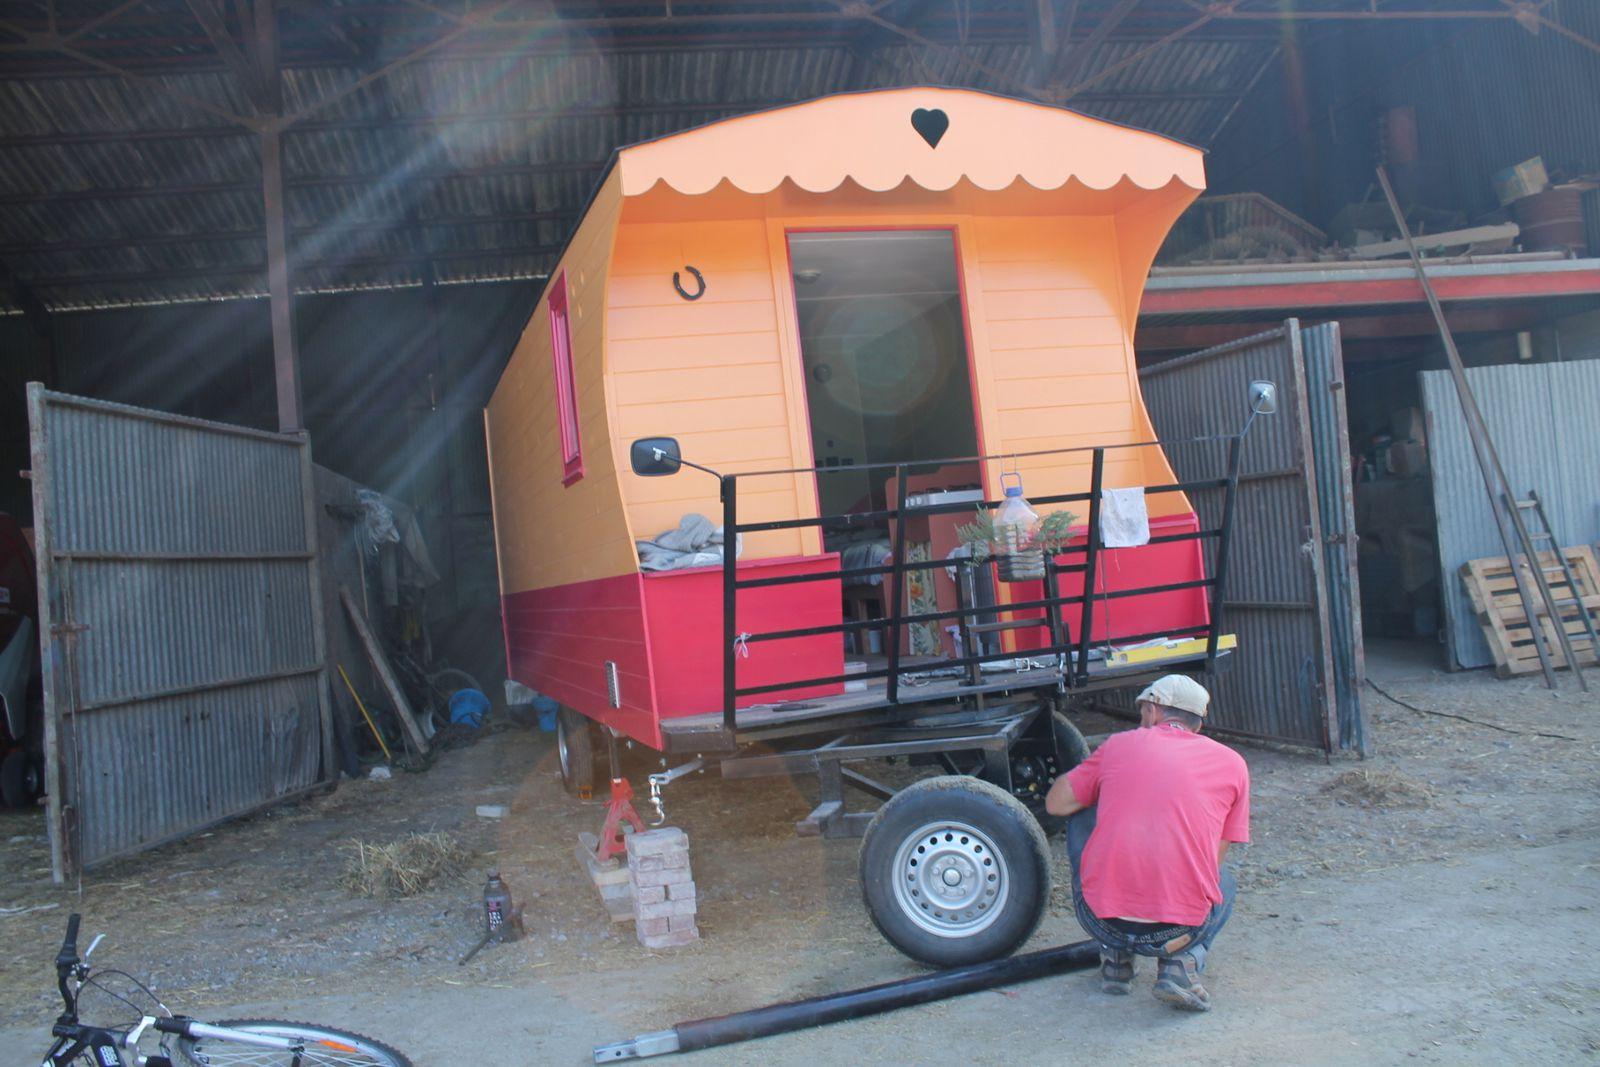 la maison qui roule sur les routes la recherche d 39 une vie nomade. Black Bedroom Furniture Sets. Home Design Ideas